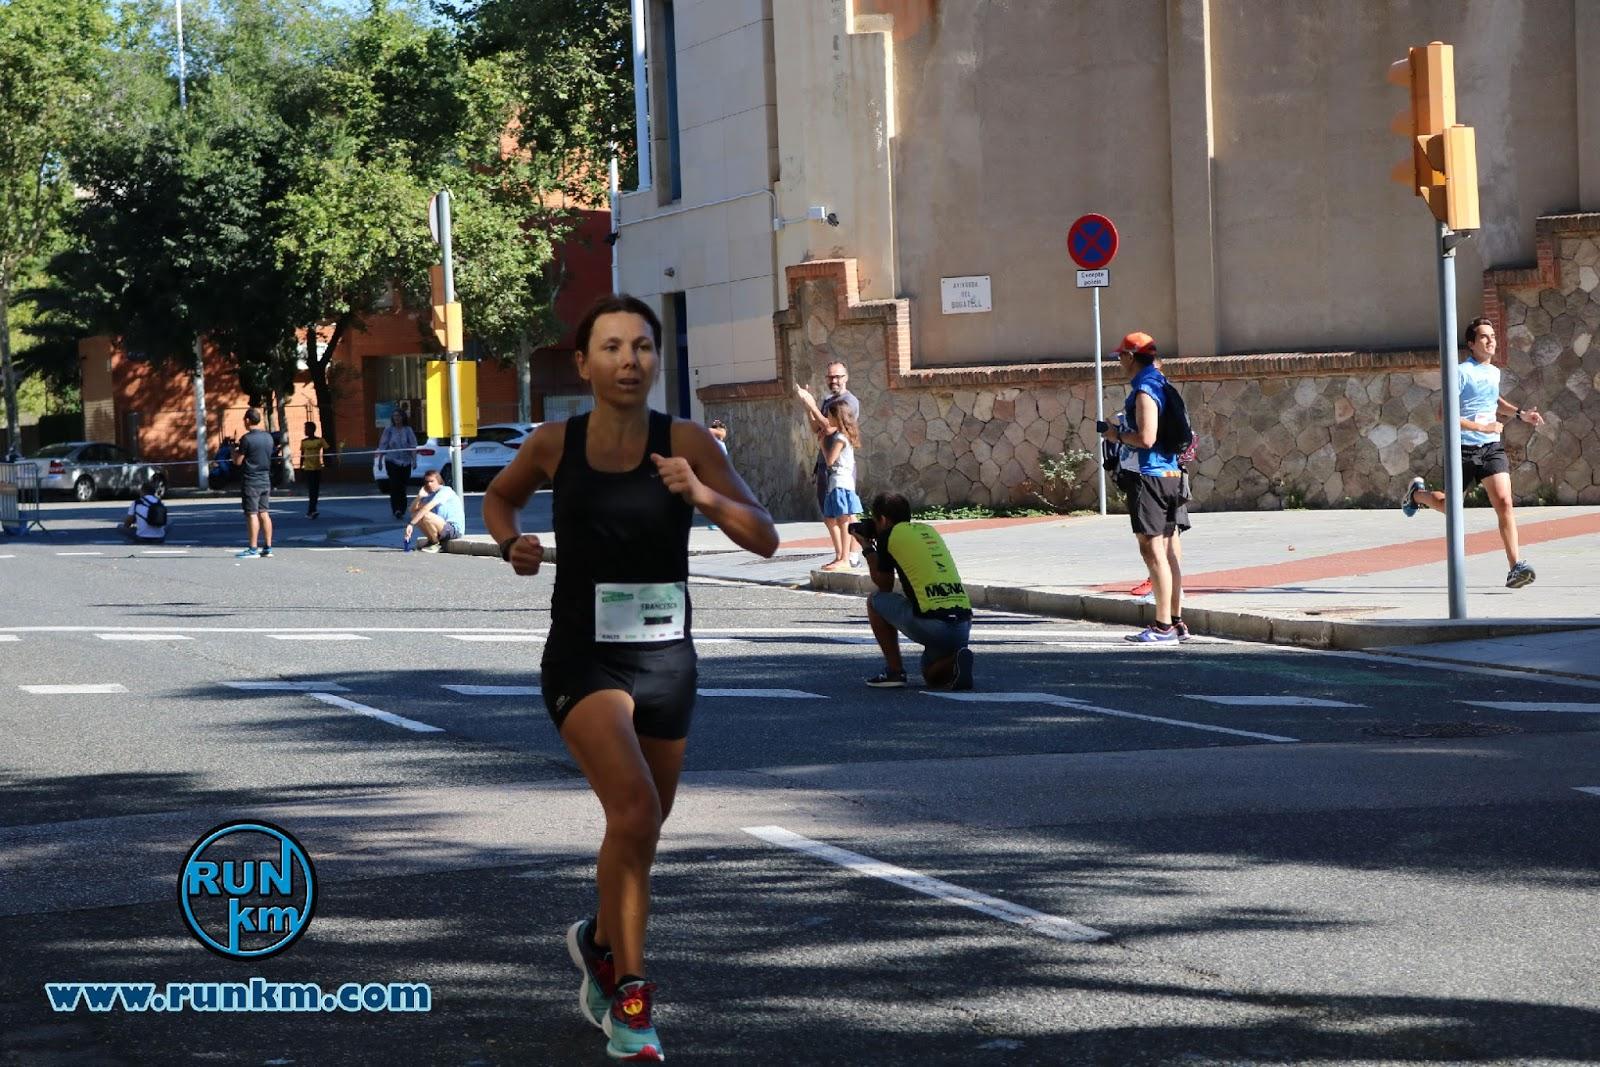 Francesca Sist vencedora de la Cursa Vila Olímpica 2017 - 10K